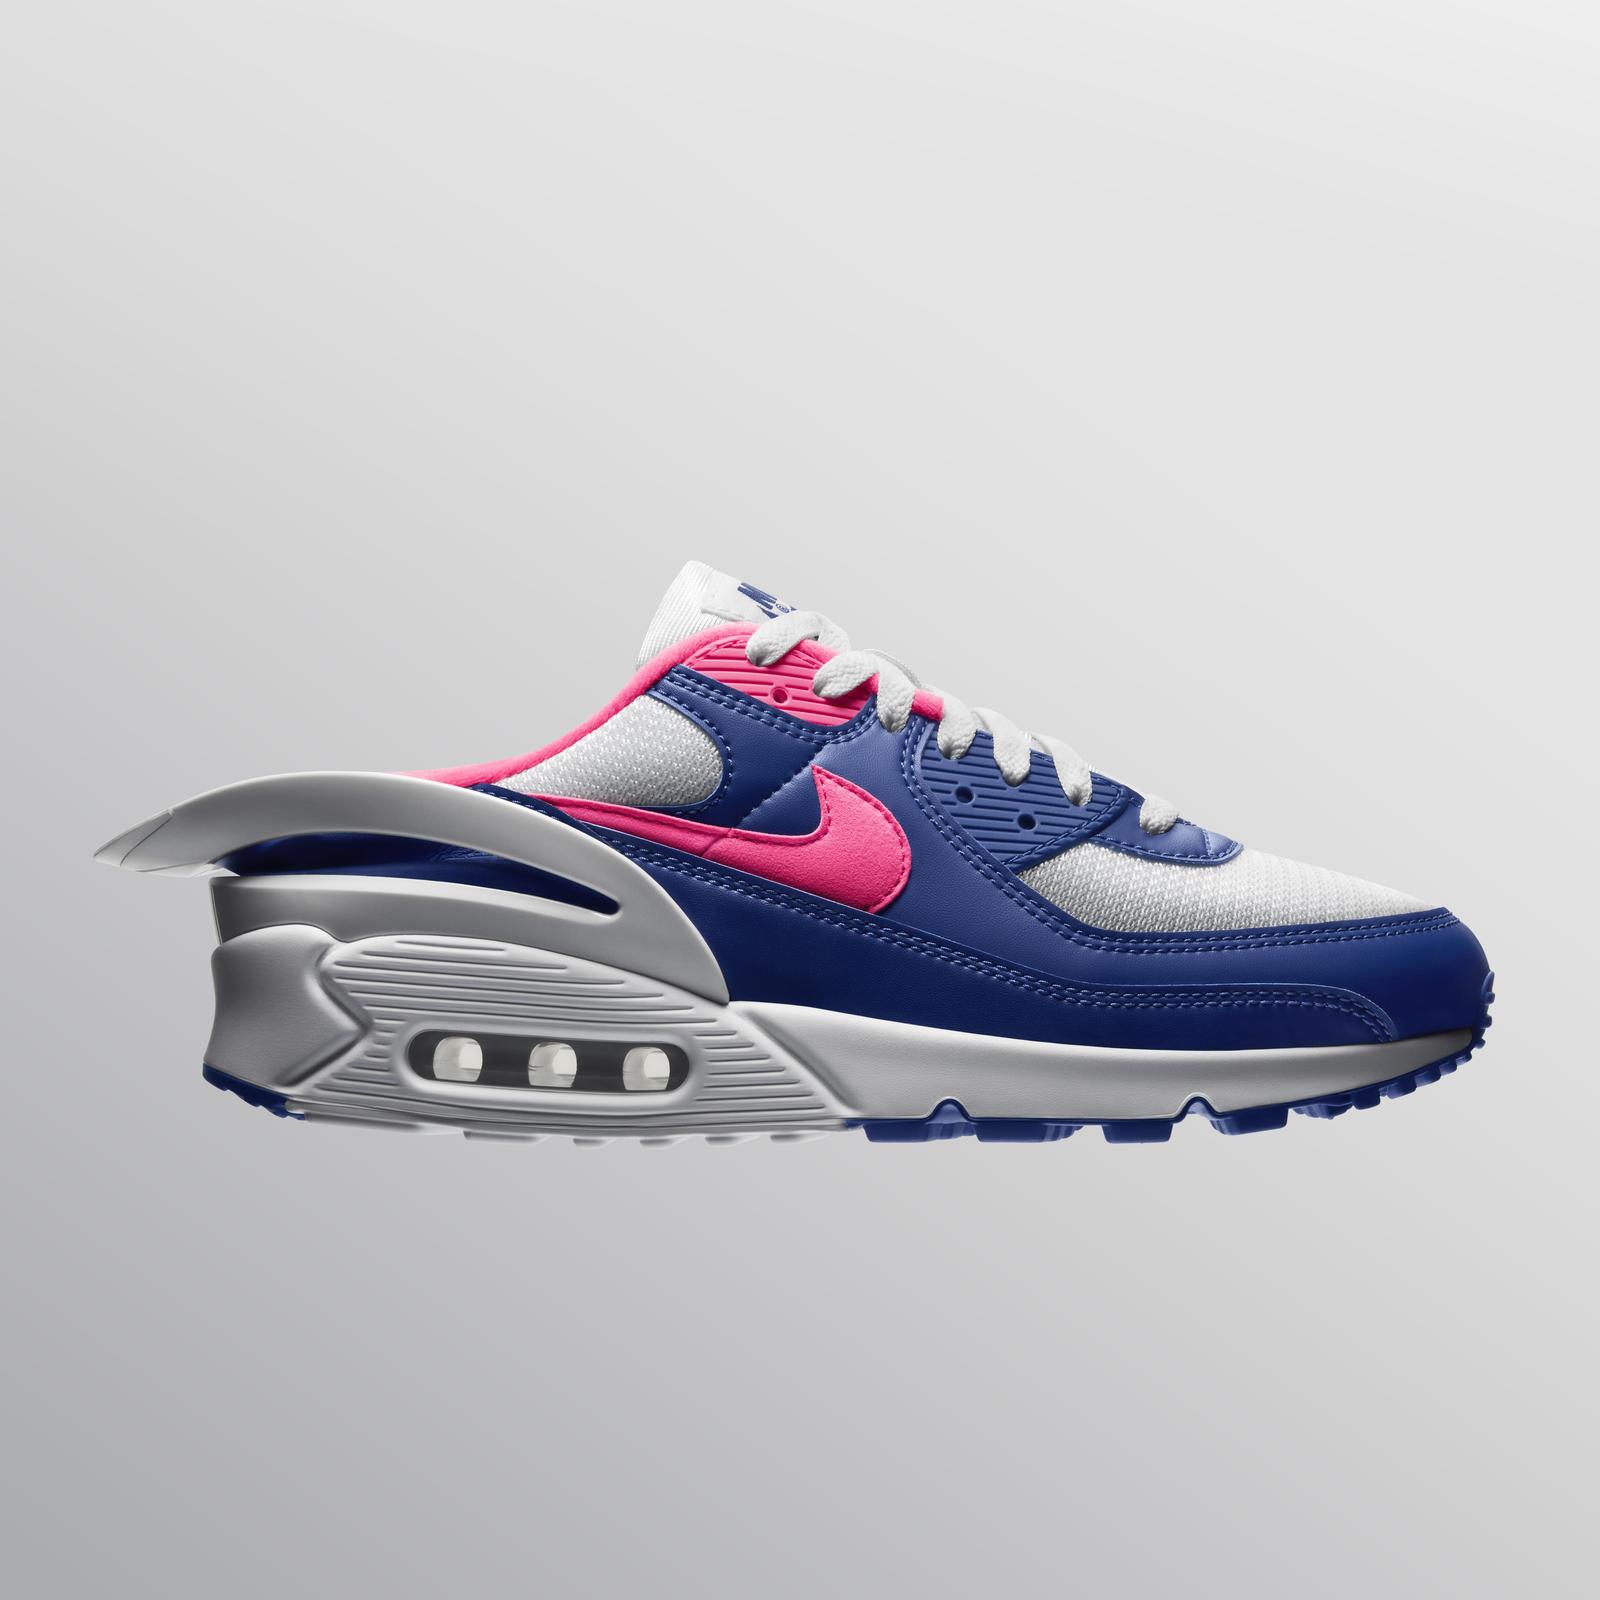 Nike Air Max 90 FlyEase 2